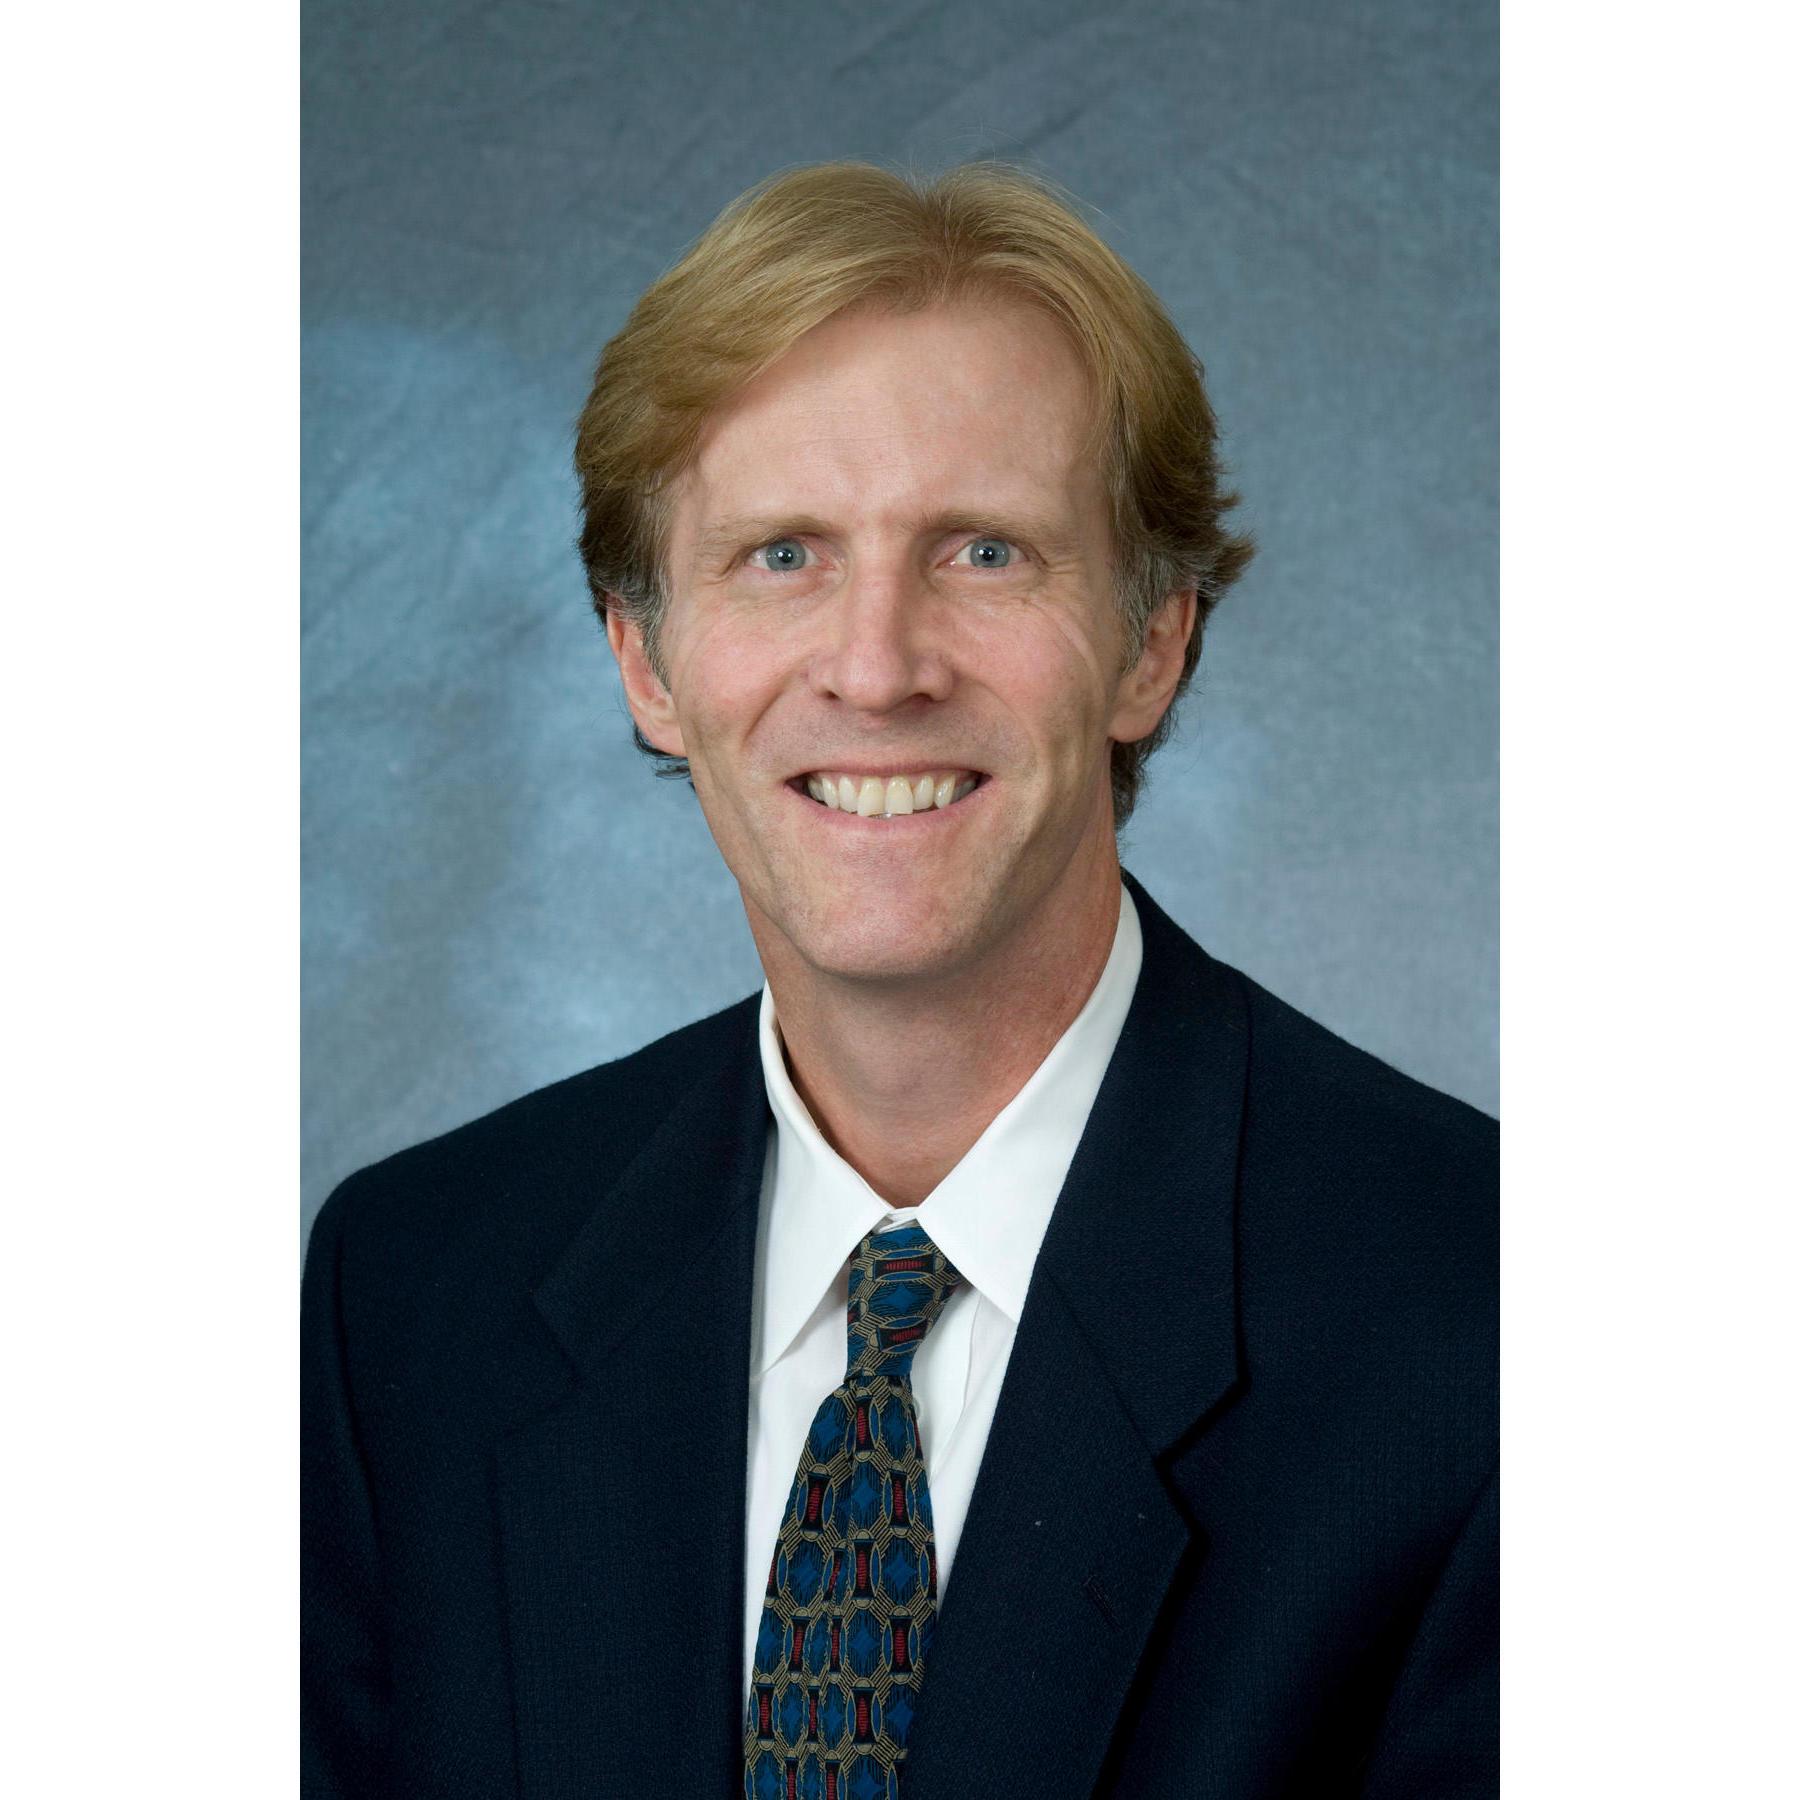 Paul Sieckmann